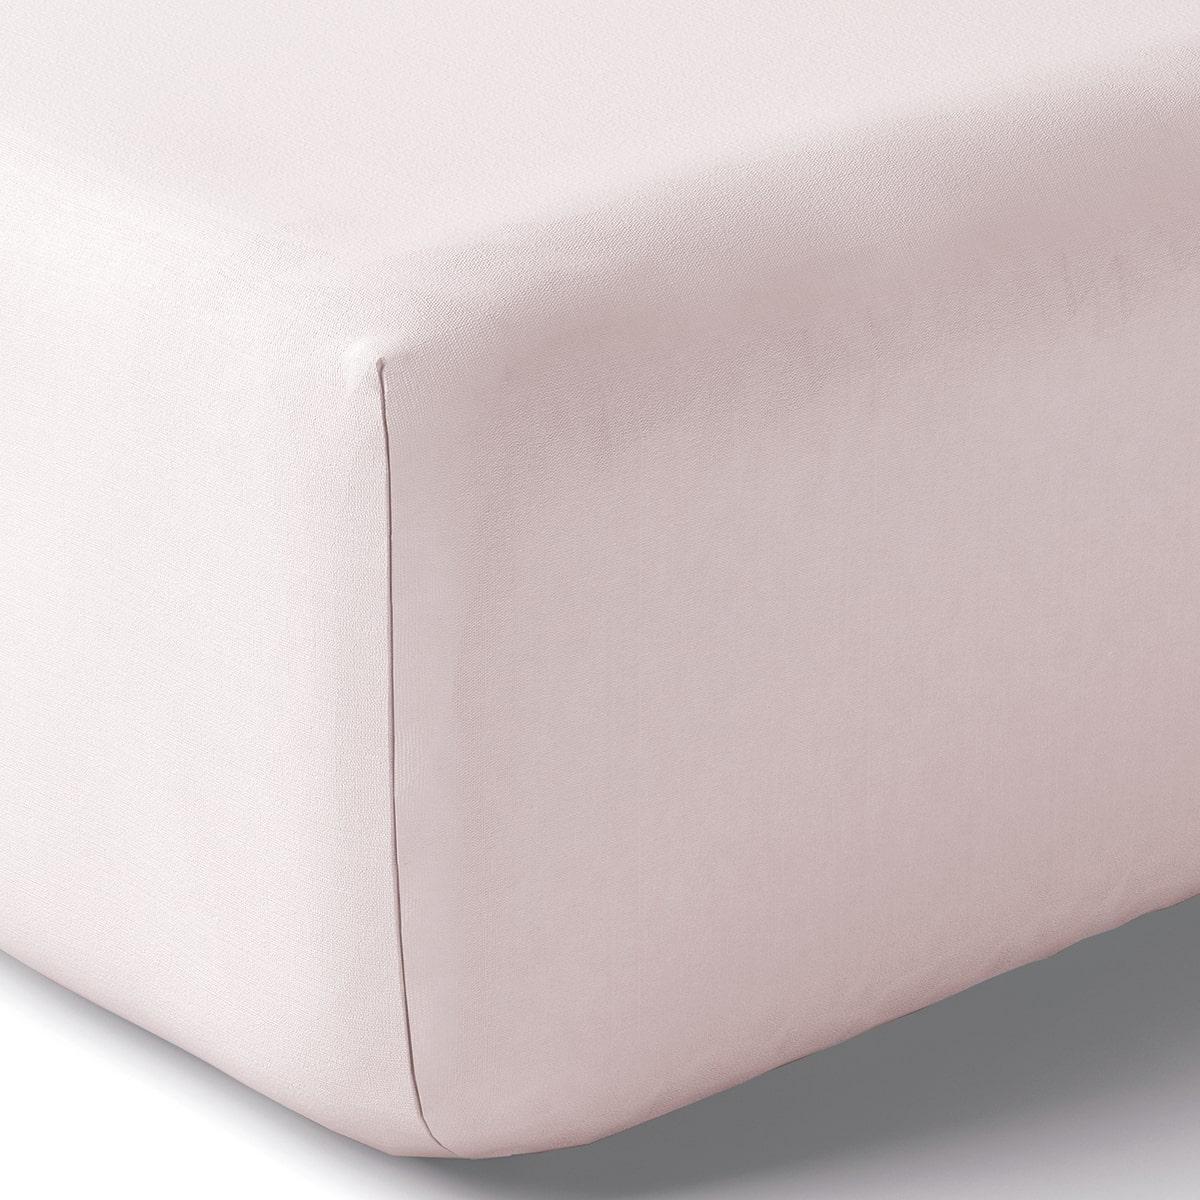 Drap housse coton 80x190 cm ecaille